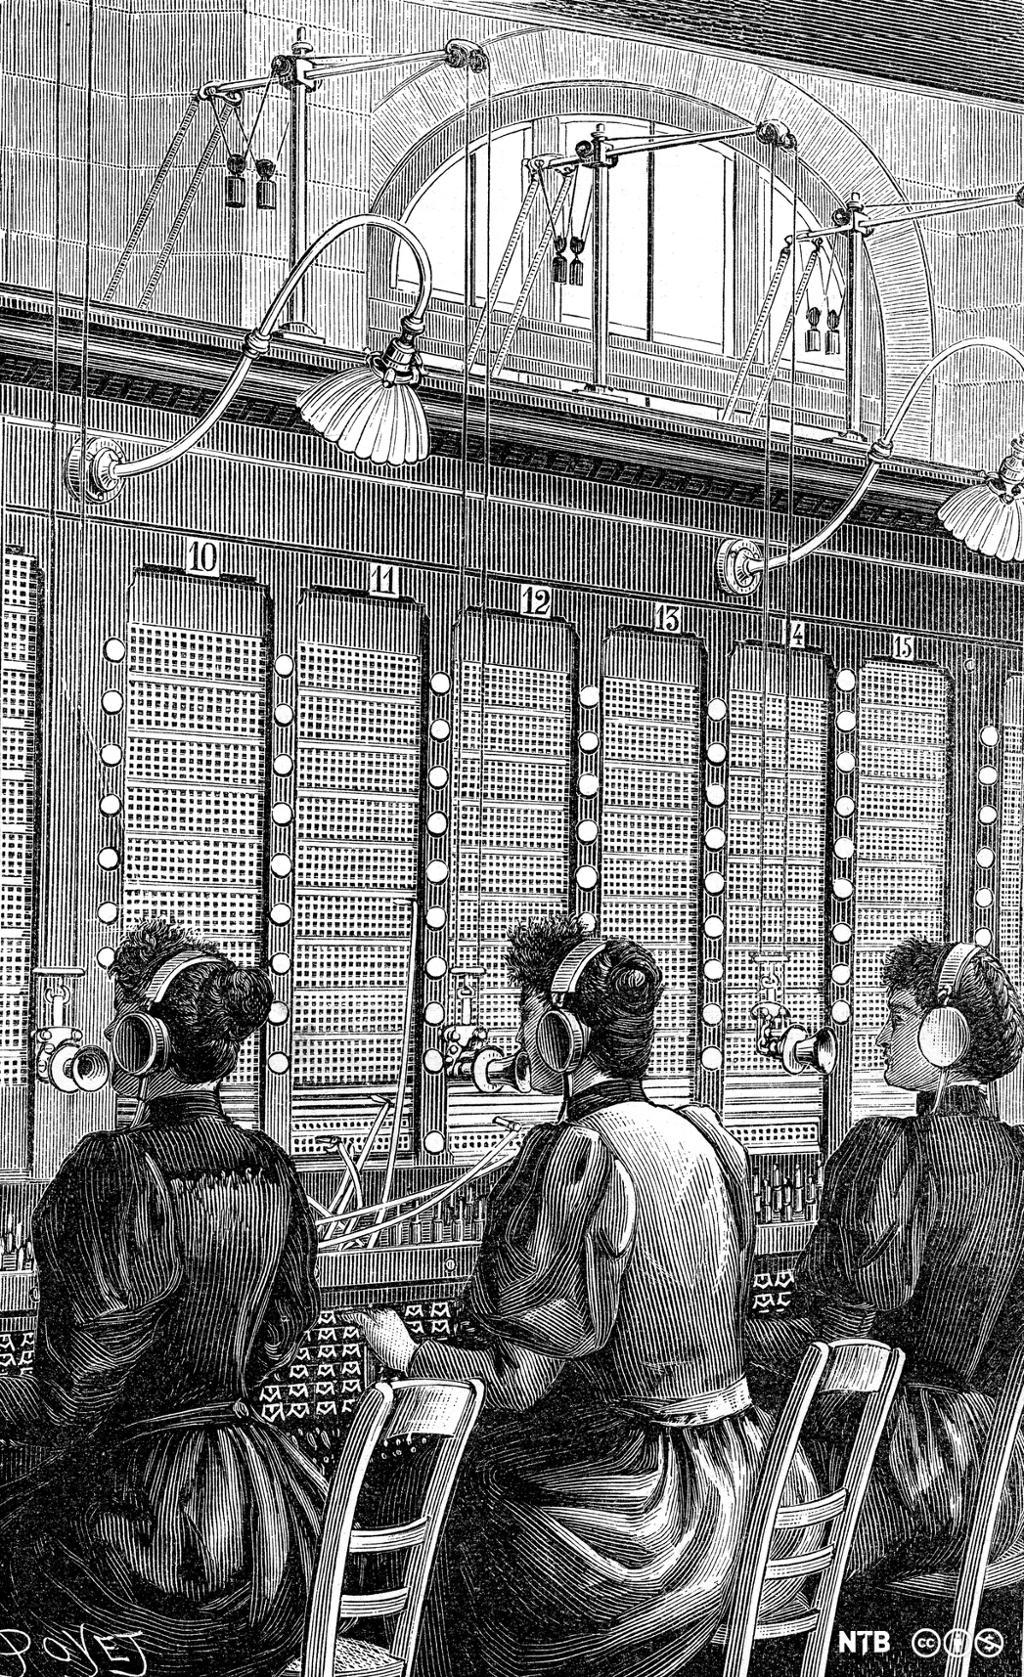 Tre kvinner med hodetelefoner og mikrofon kobler opp ledninger. Illustrasjon.